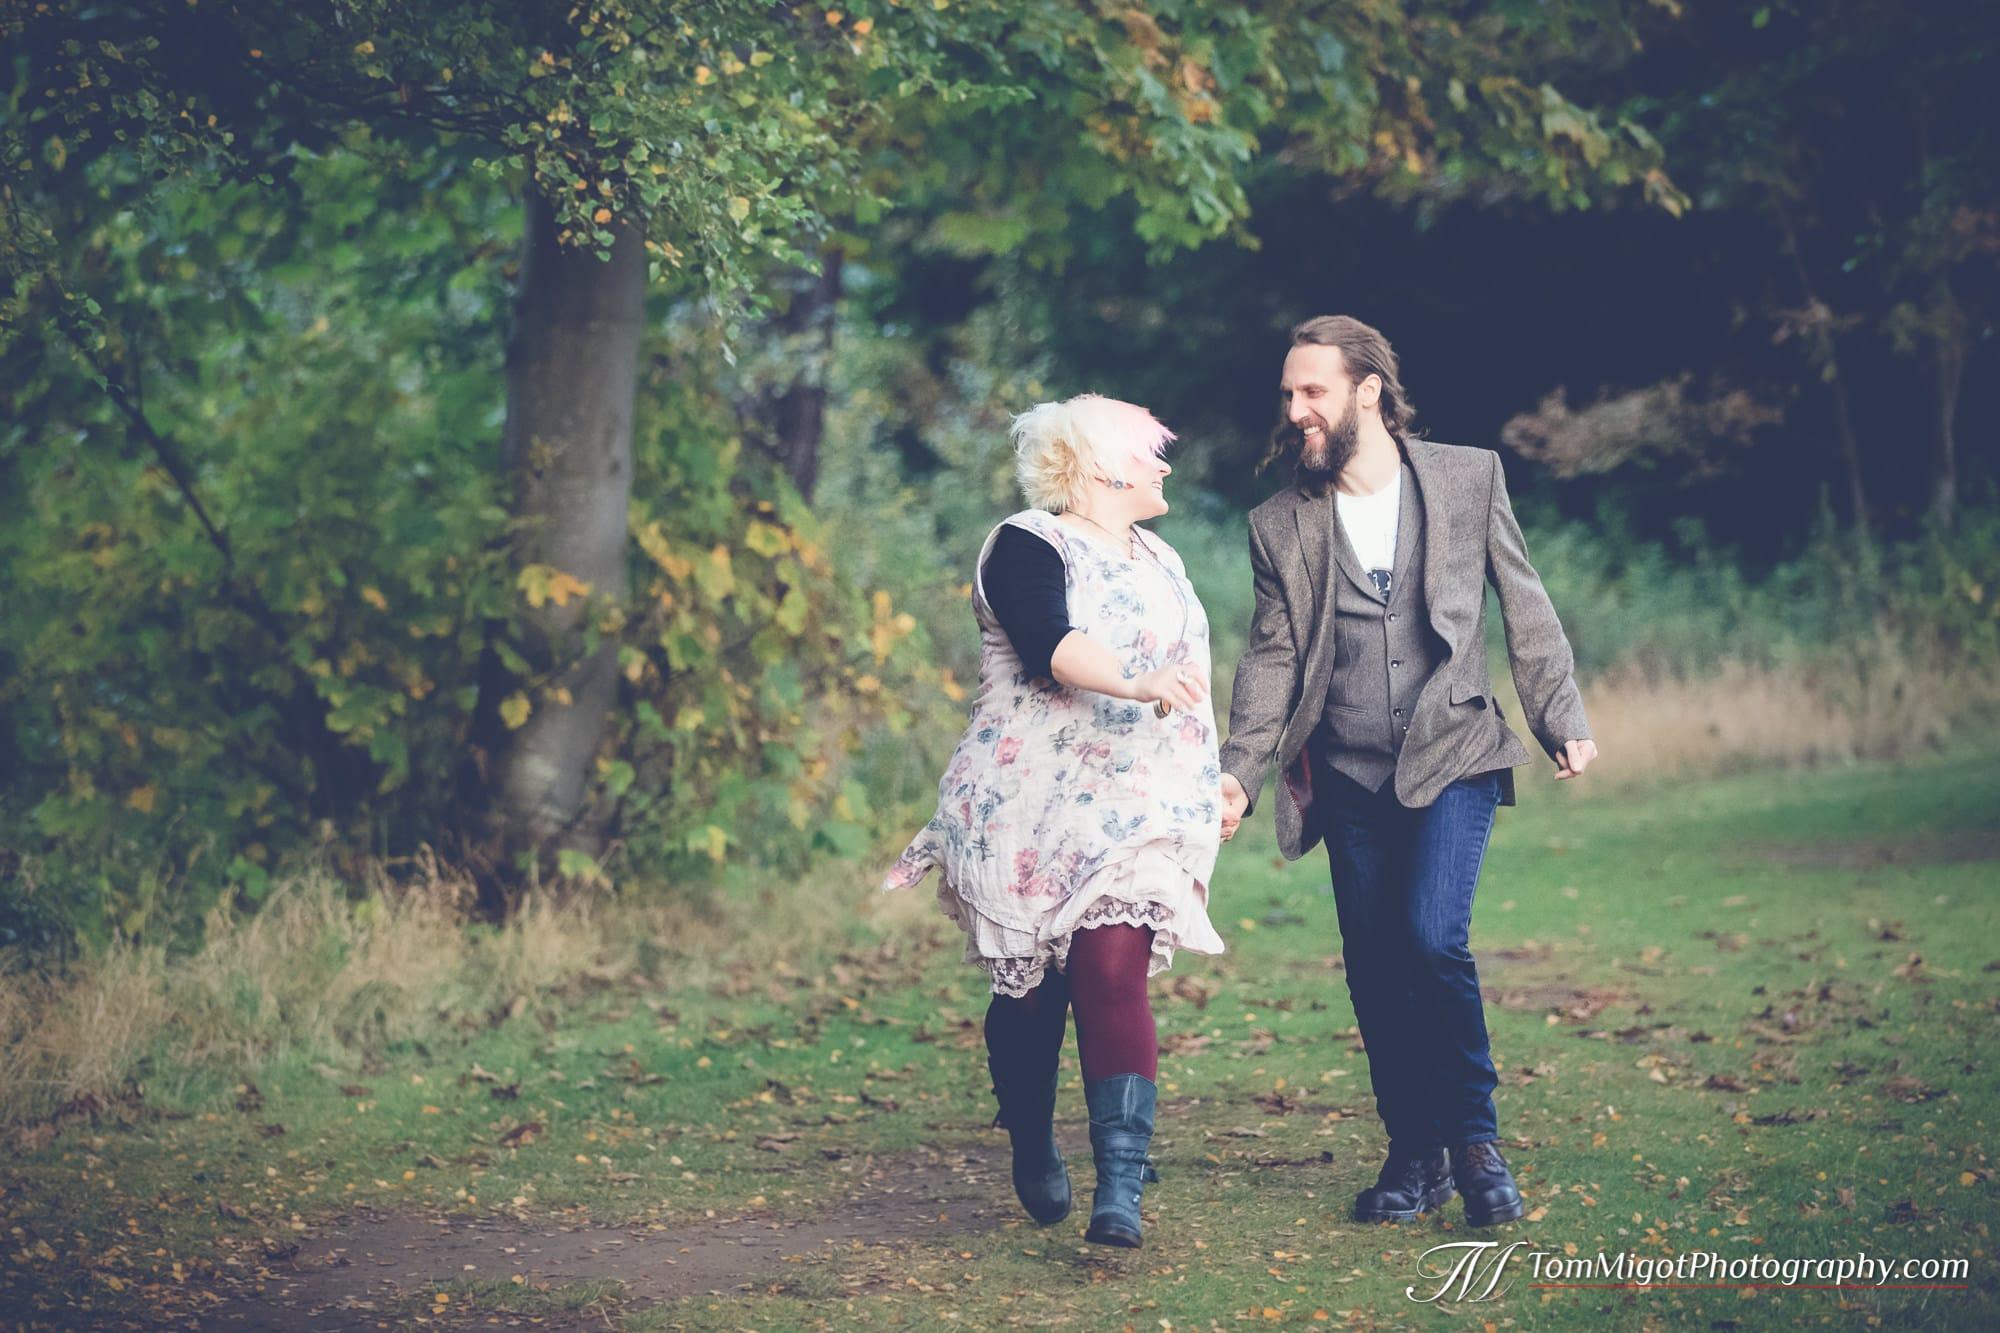 Les futurs mariés qui s'amusent dans les bois pendant la séance photo d'avant mariage